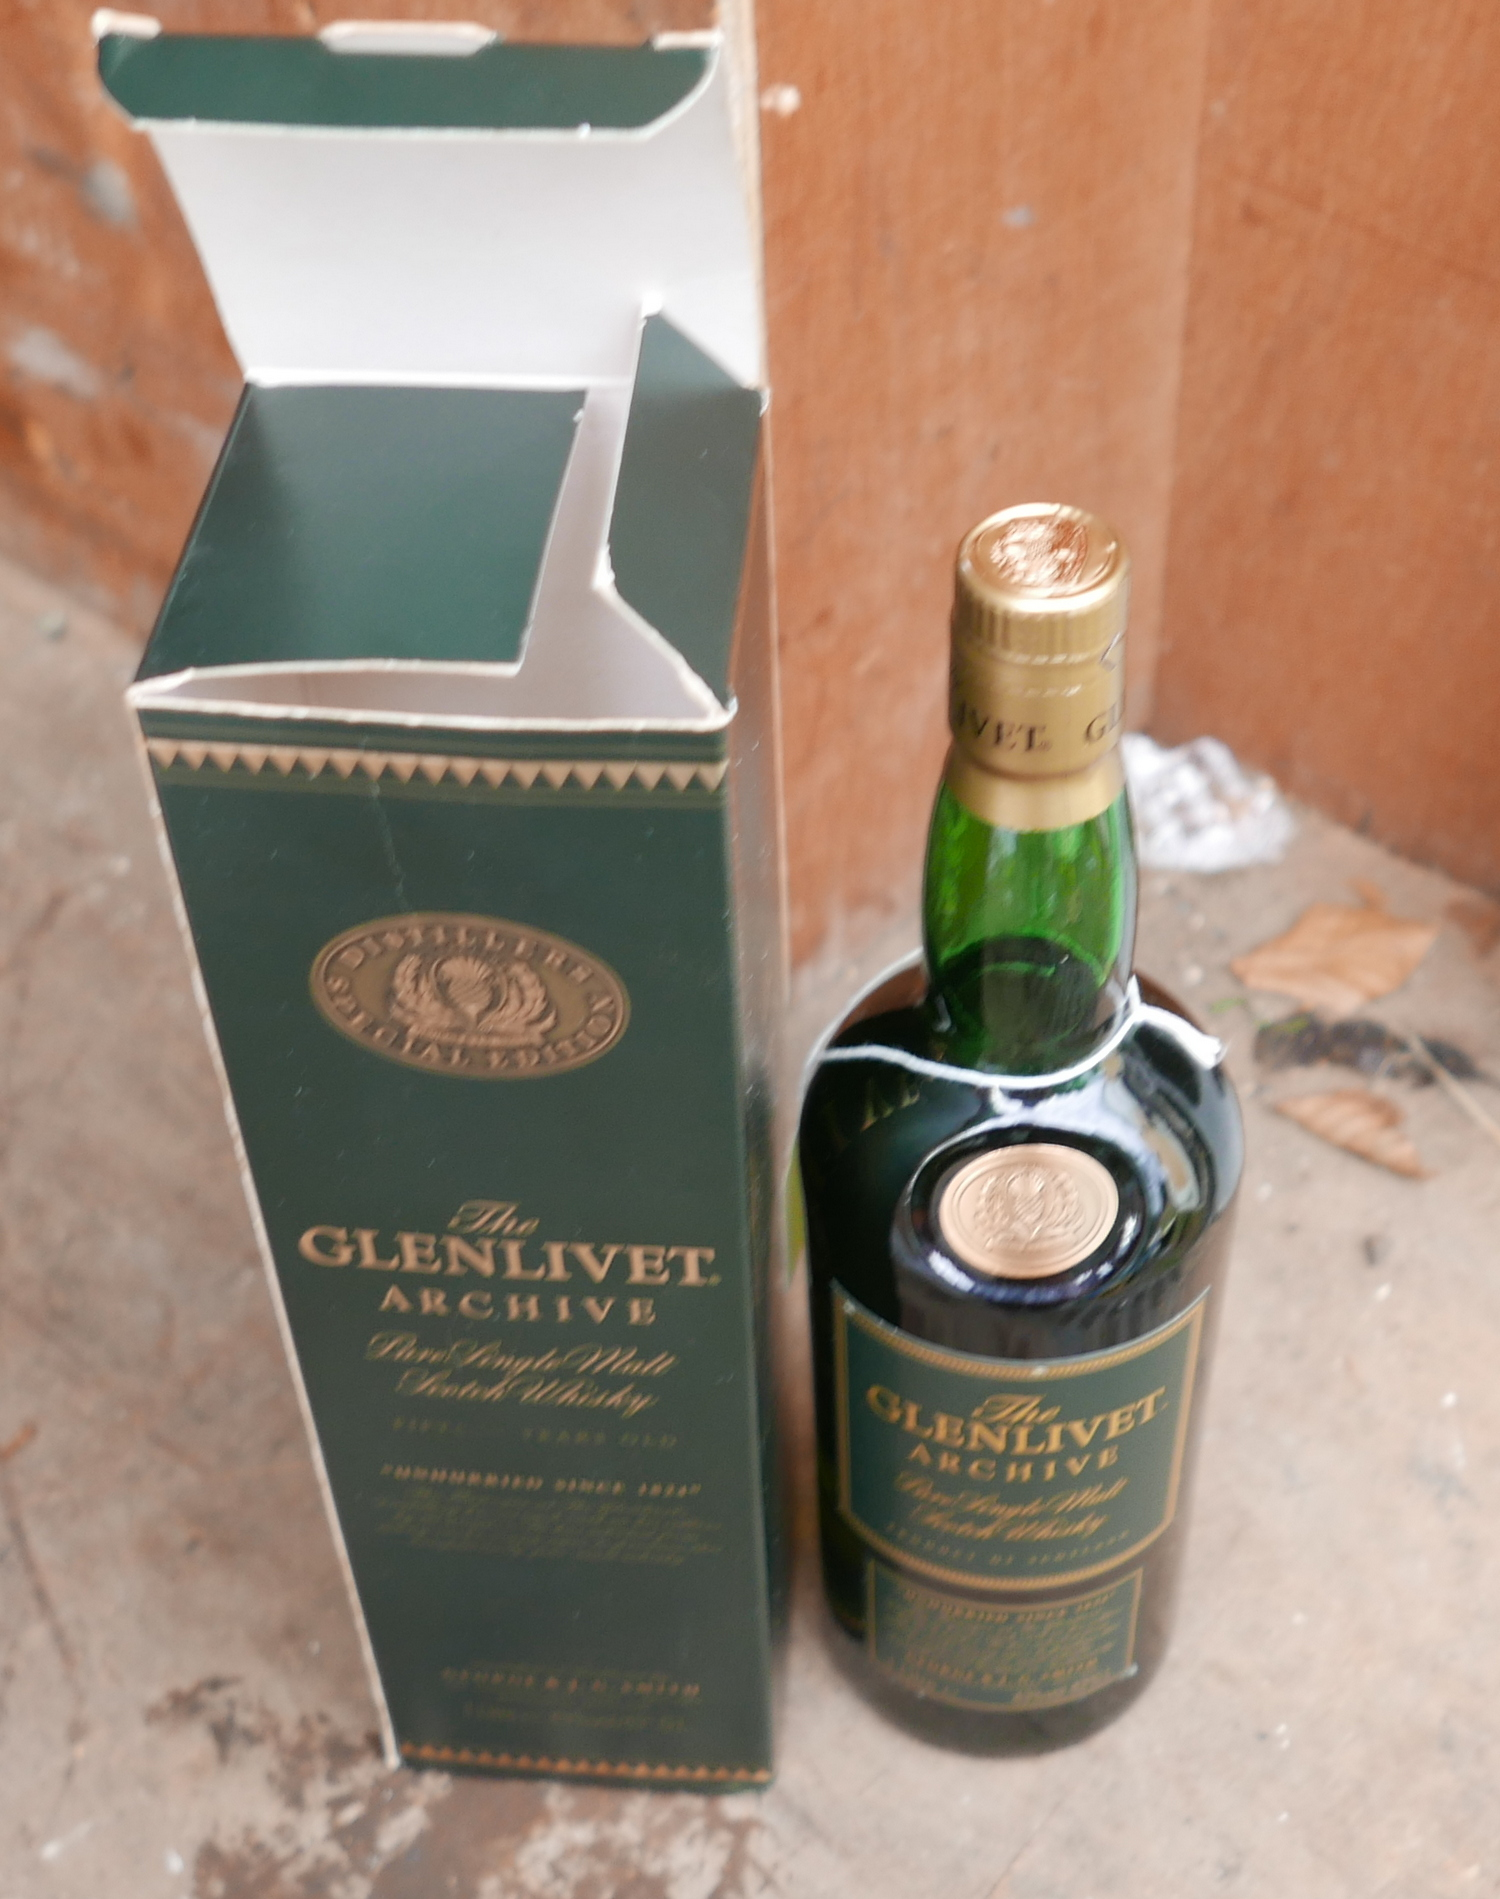 Lot 50V - Boxed Bottle of Glenlivet 15 year Old Whisky.